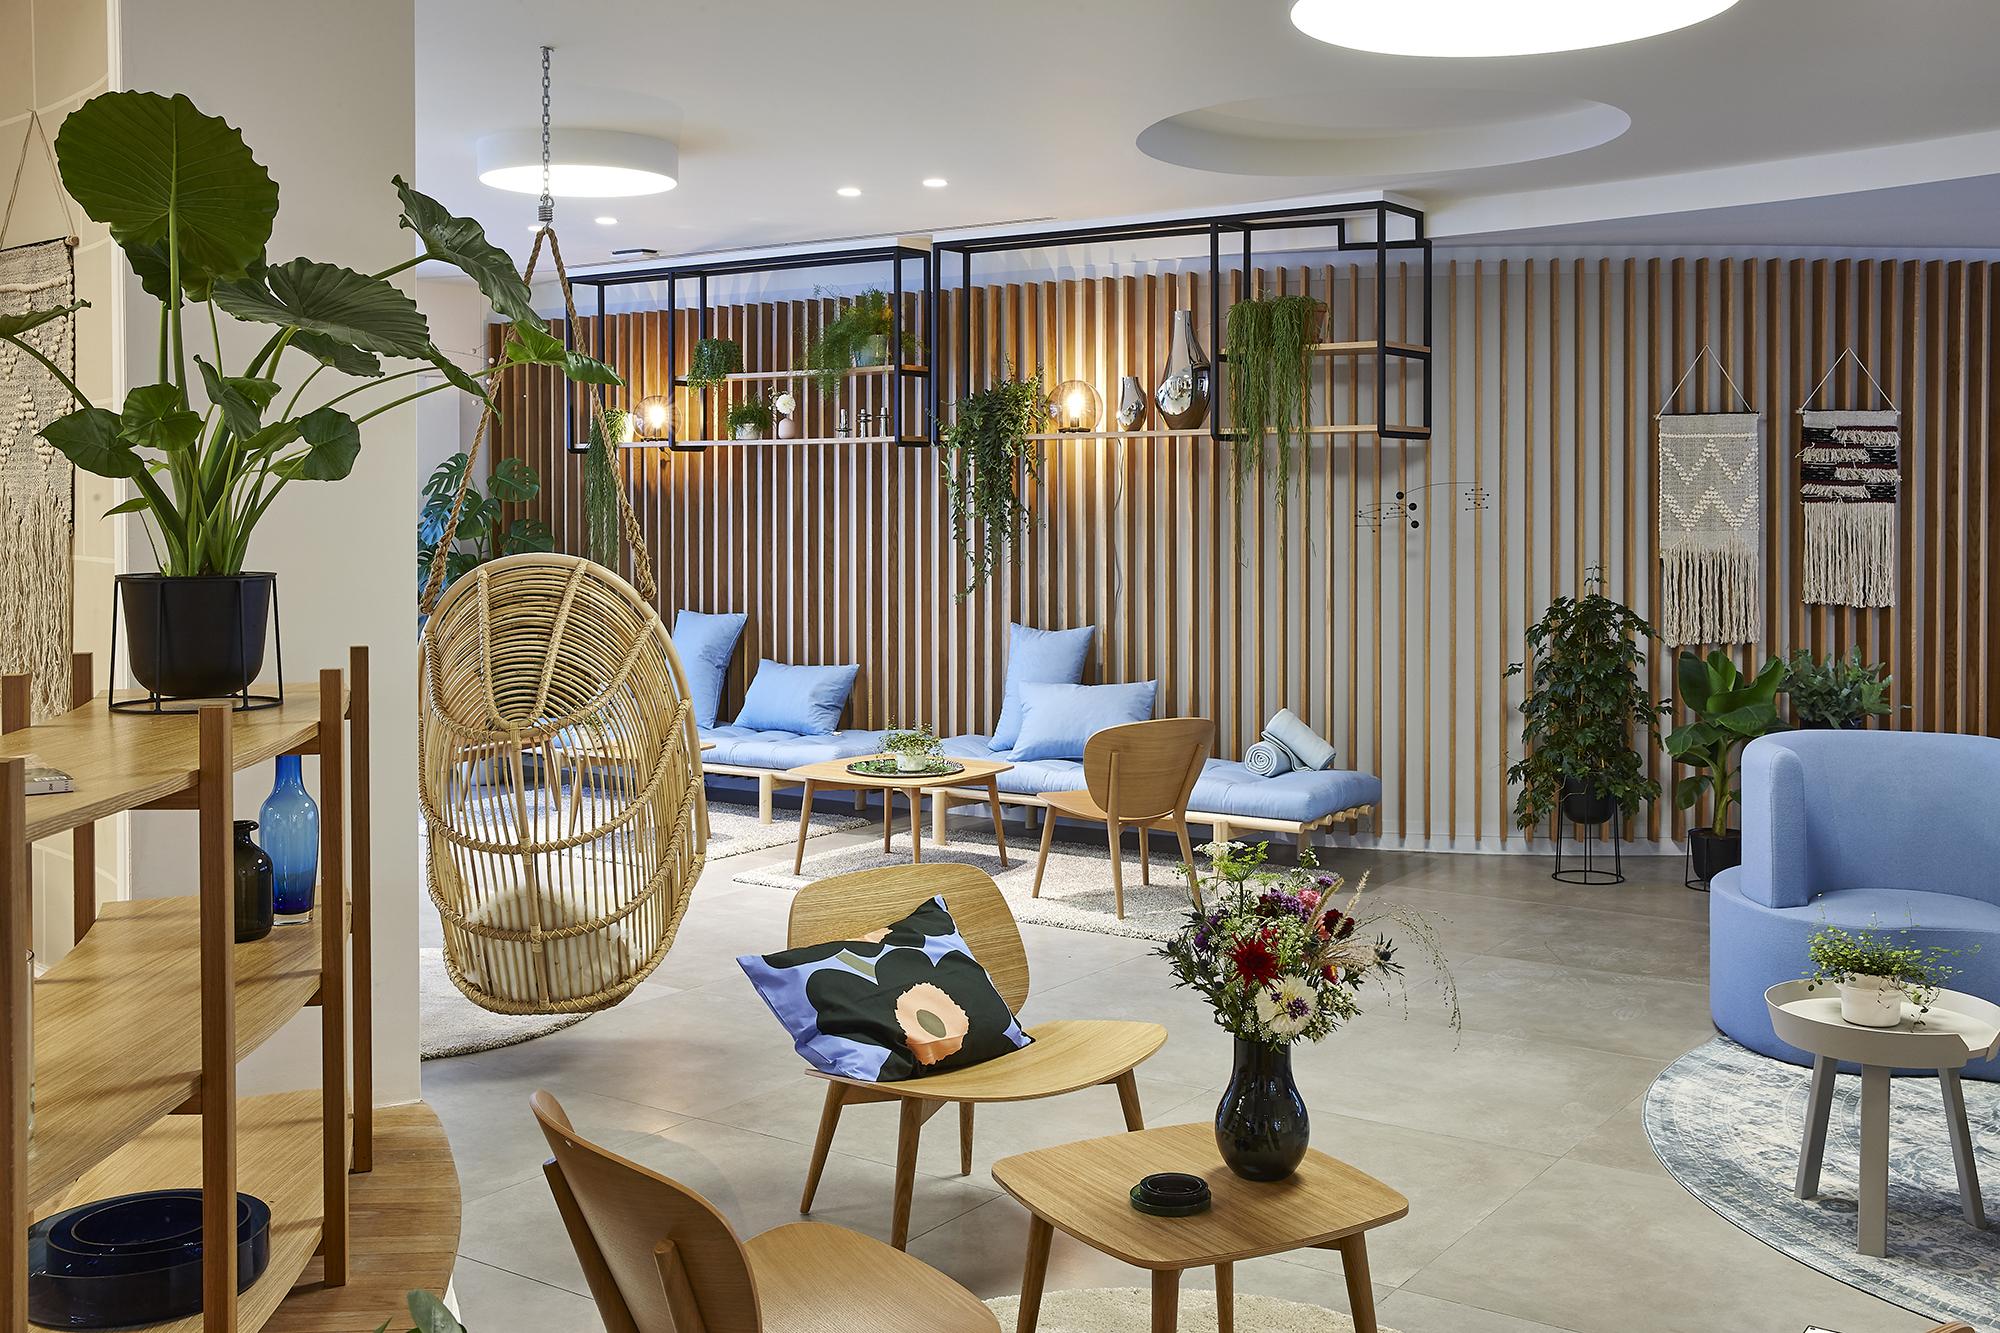 michel penneman Hygge-Hotel-Brussels